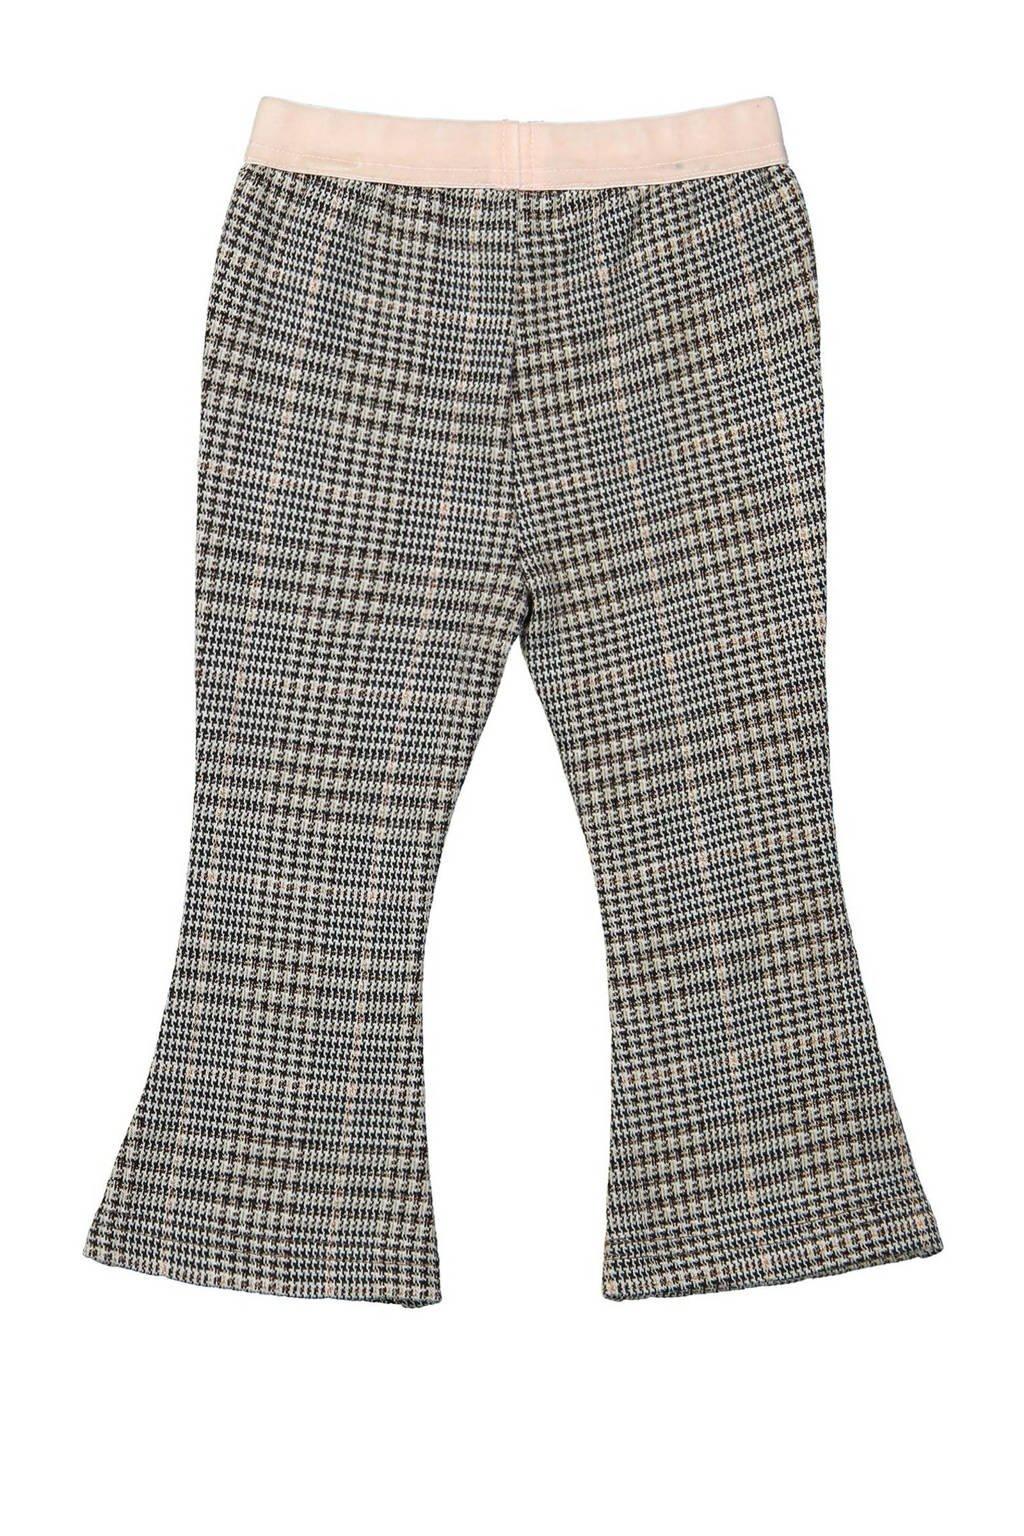 Koko Noko geruite flared broek zwart/wit/lichtroze, Zwart/wit/lichtroze